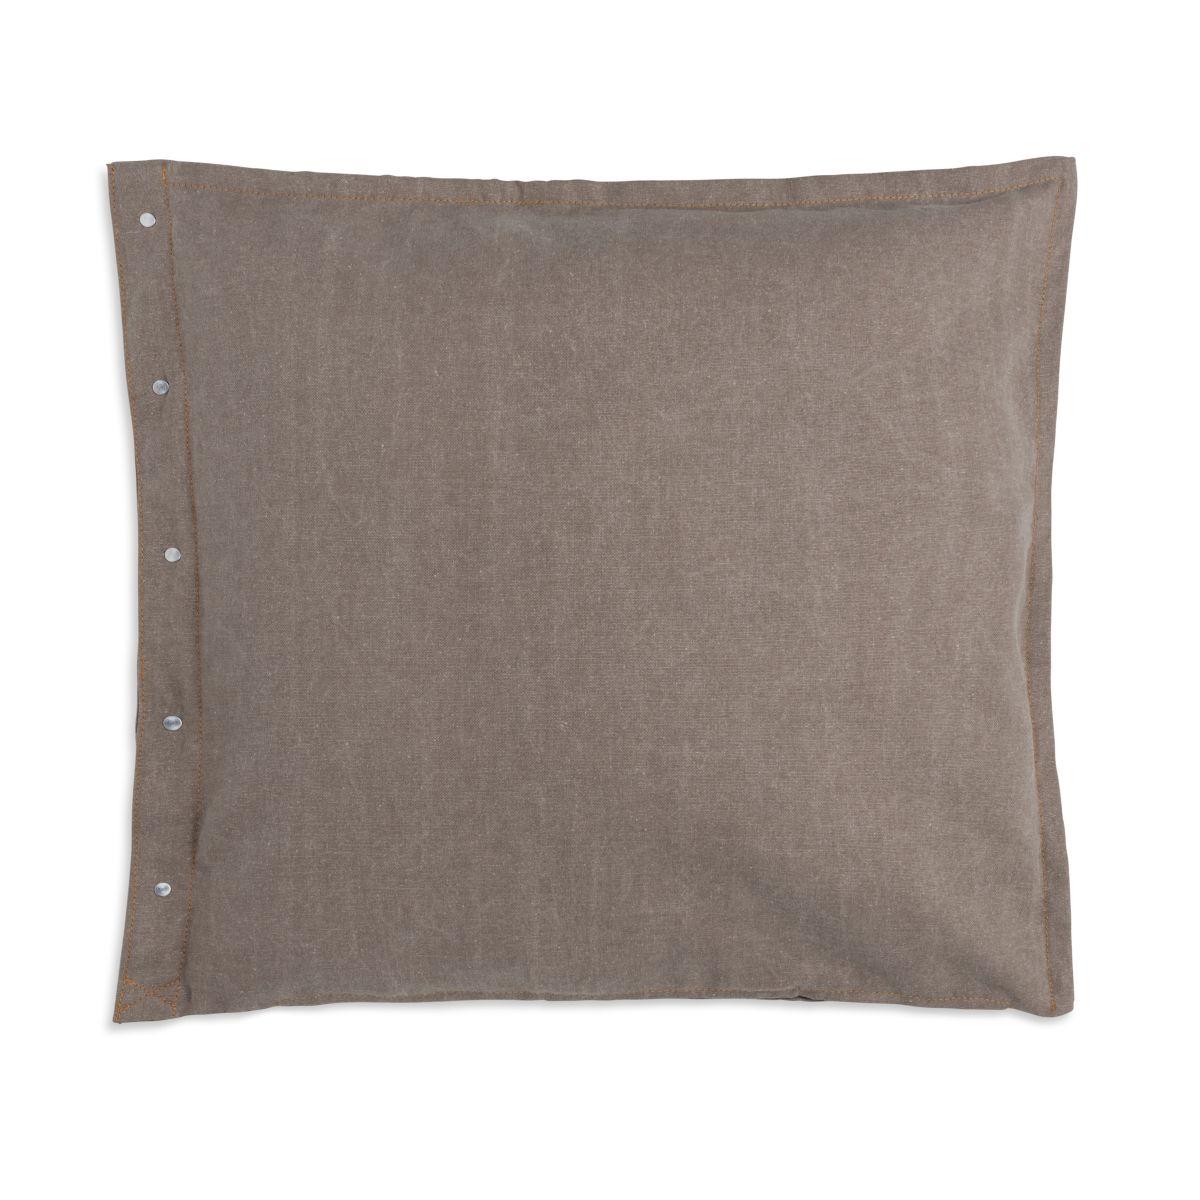 knit factory 1321252 rick kussen 50x50 beige marron 2